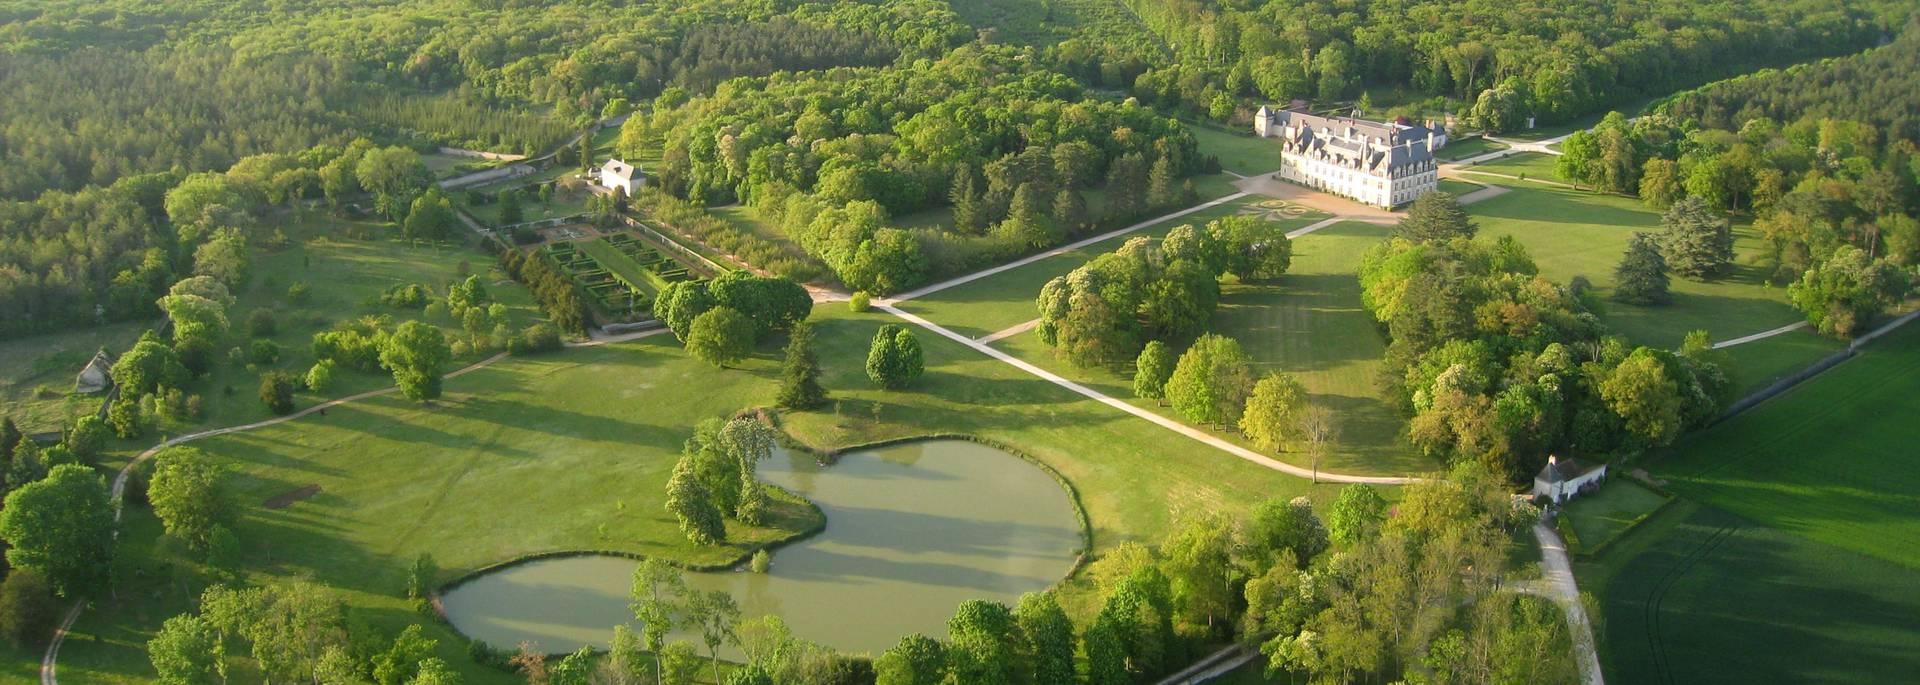 El castillo de Beauregard visto desde el cielo